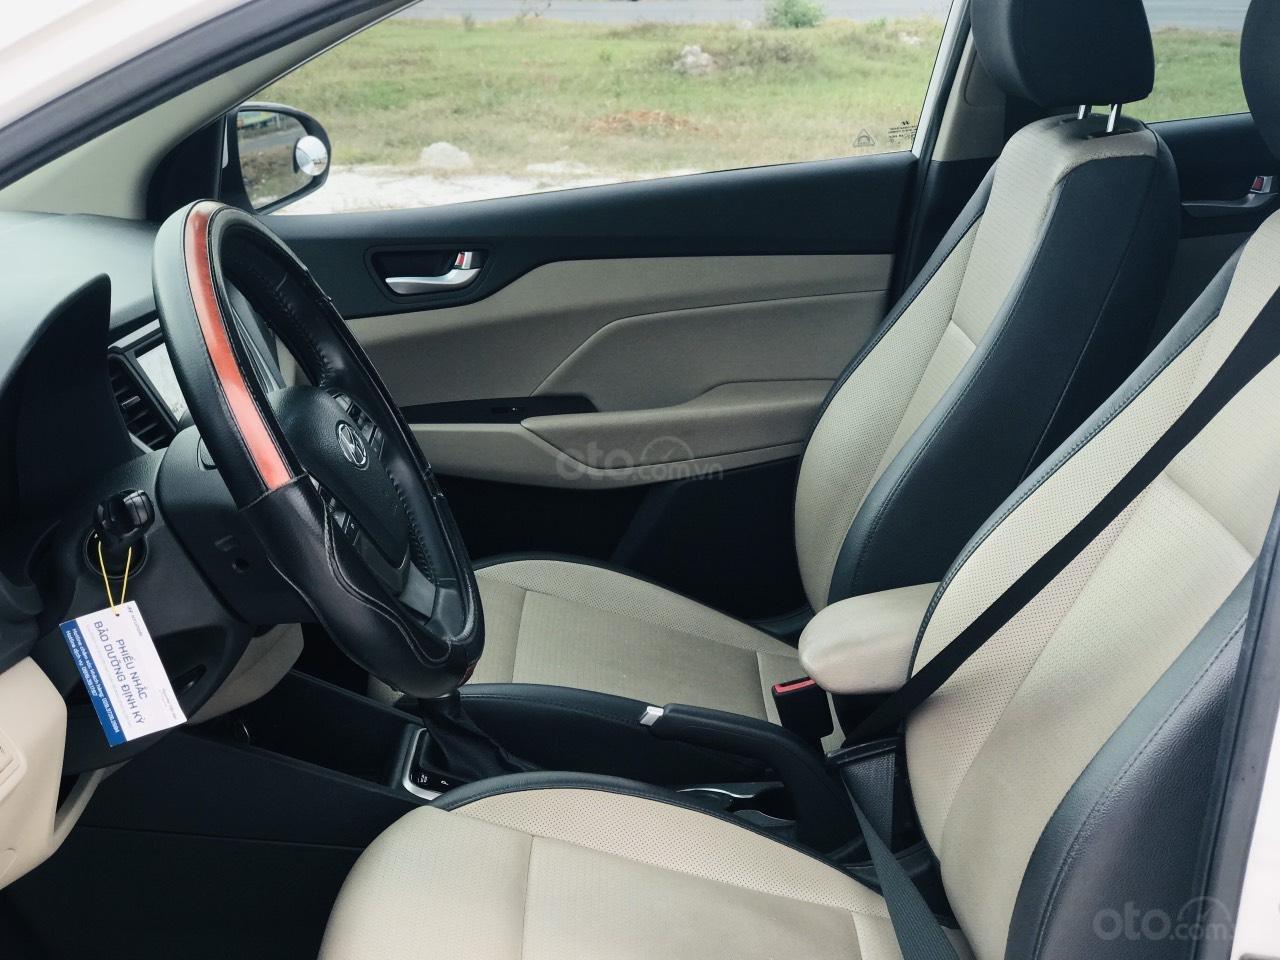 Mới về Hyundai Accent sản xuất 2018 1.4ATH bản đặc biệt (6)